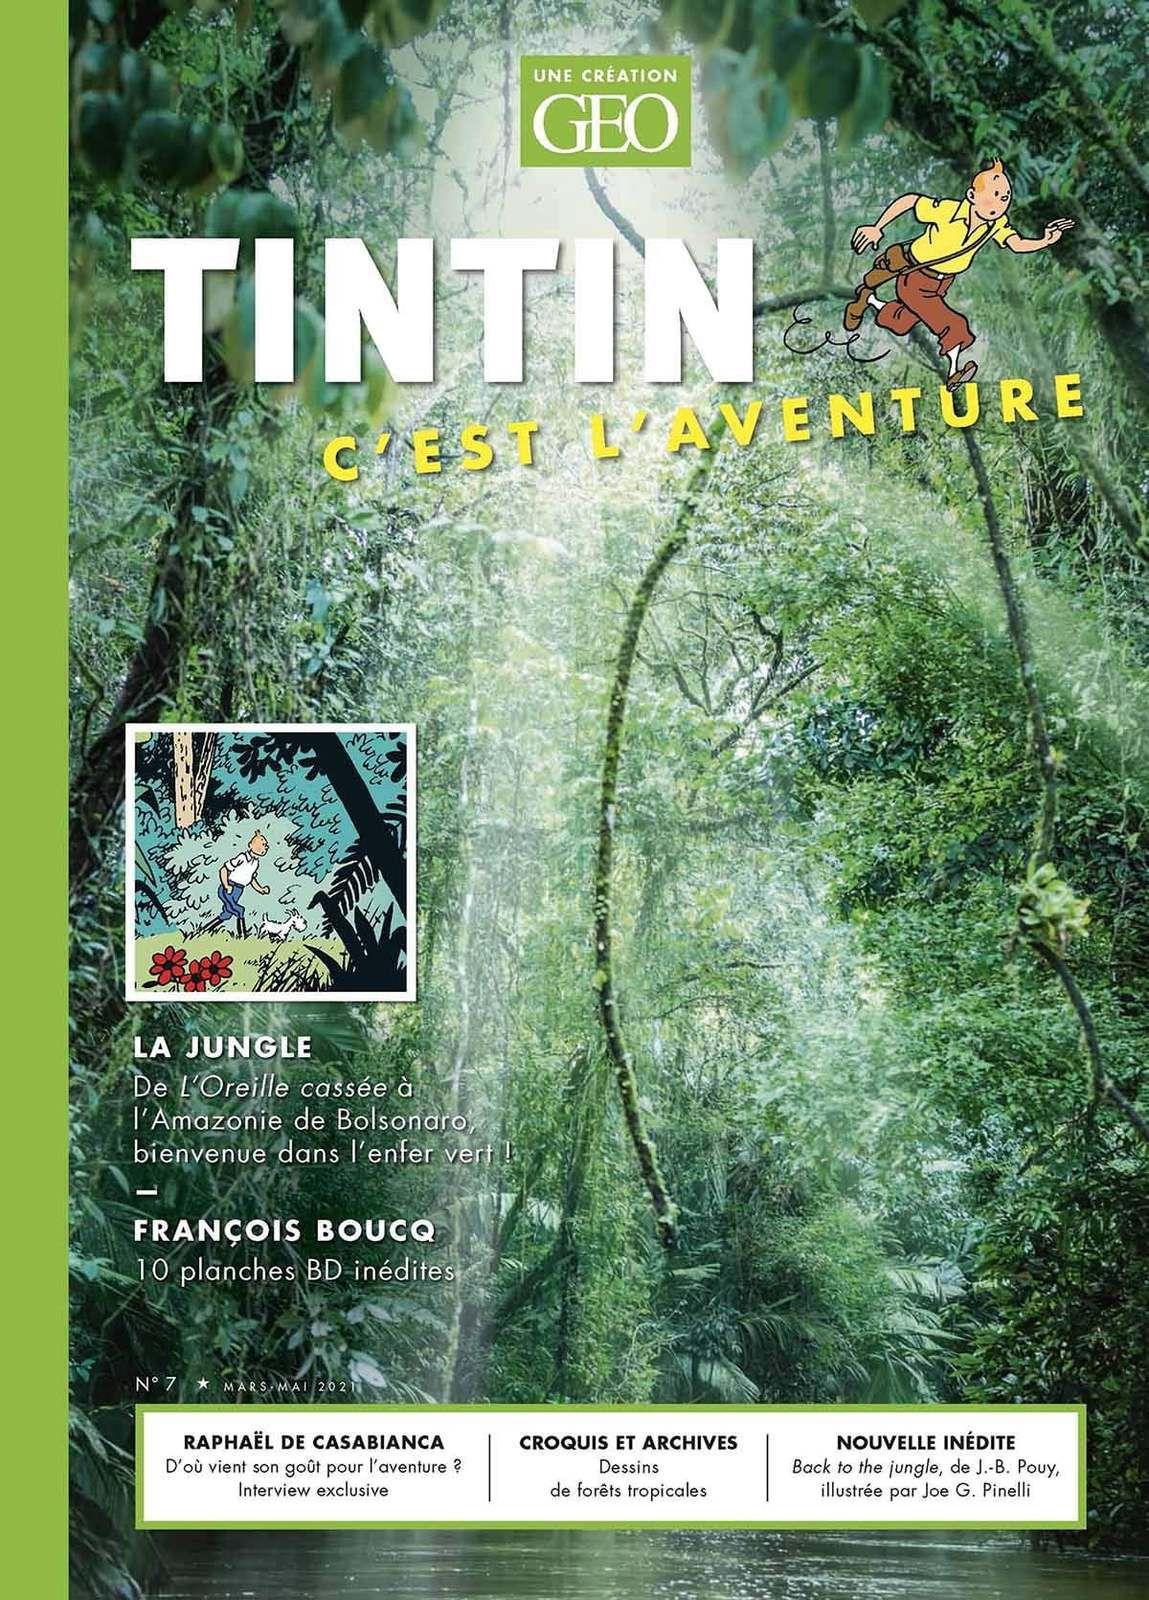 """Couverture du magazine """"Tintin c'est l'aventure"""" n°7"""